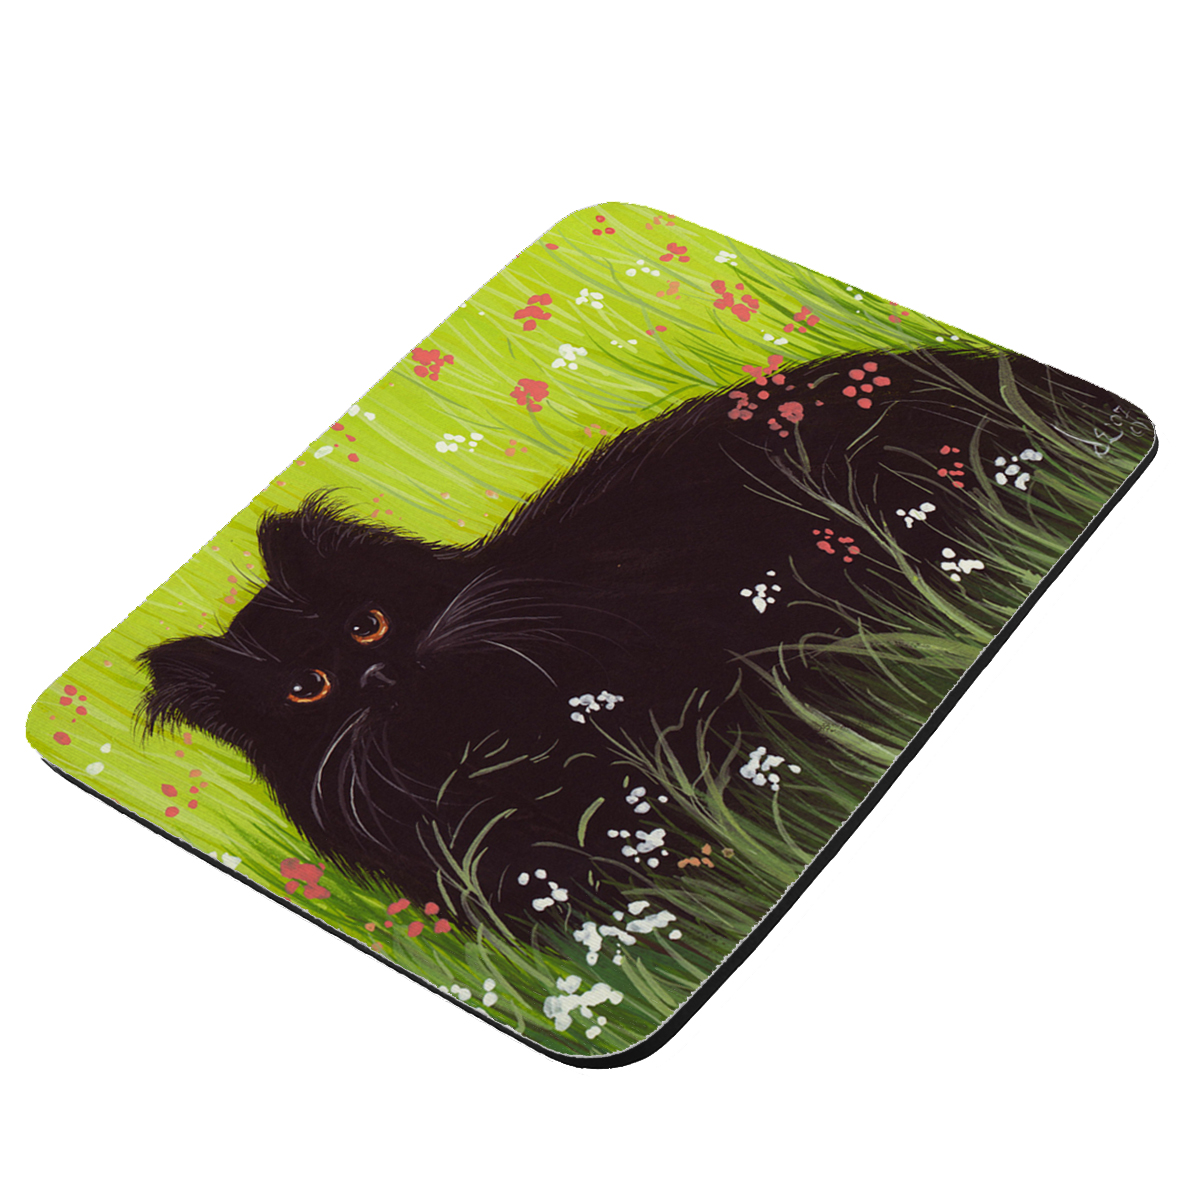 Black Persian Cat Art by Denise Every - KuzmarK Mousepad / Hot Pad / Trivet